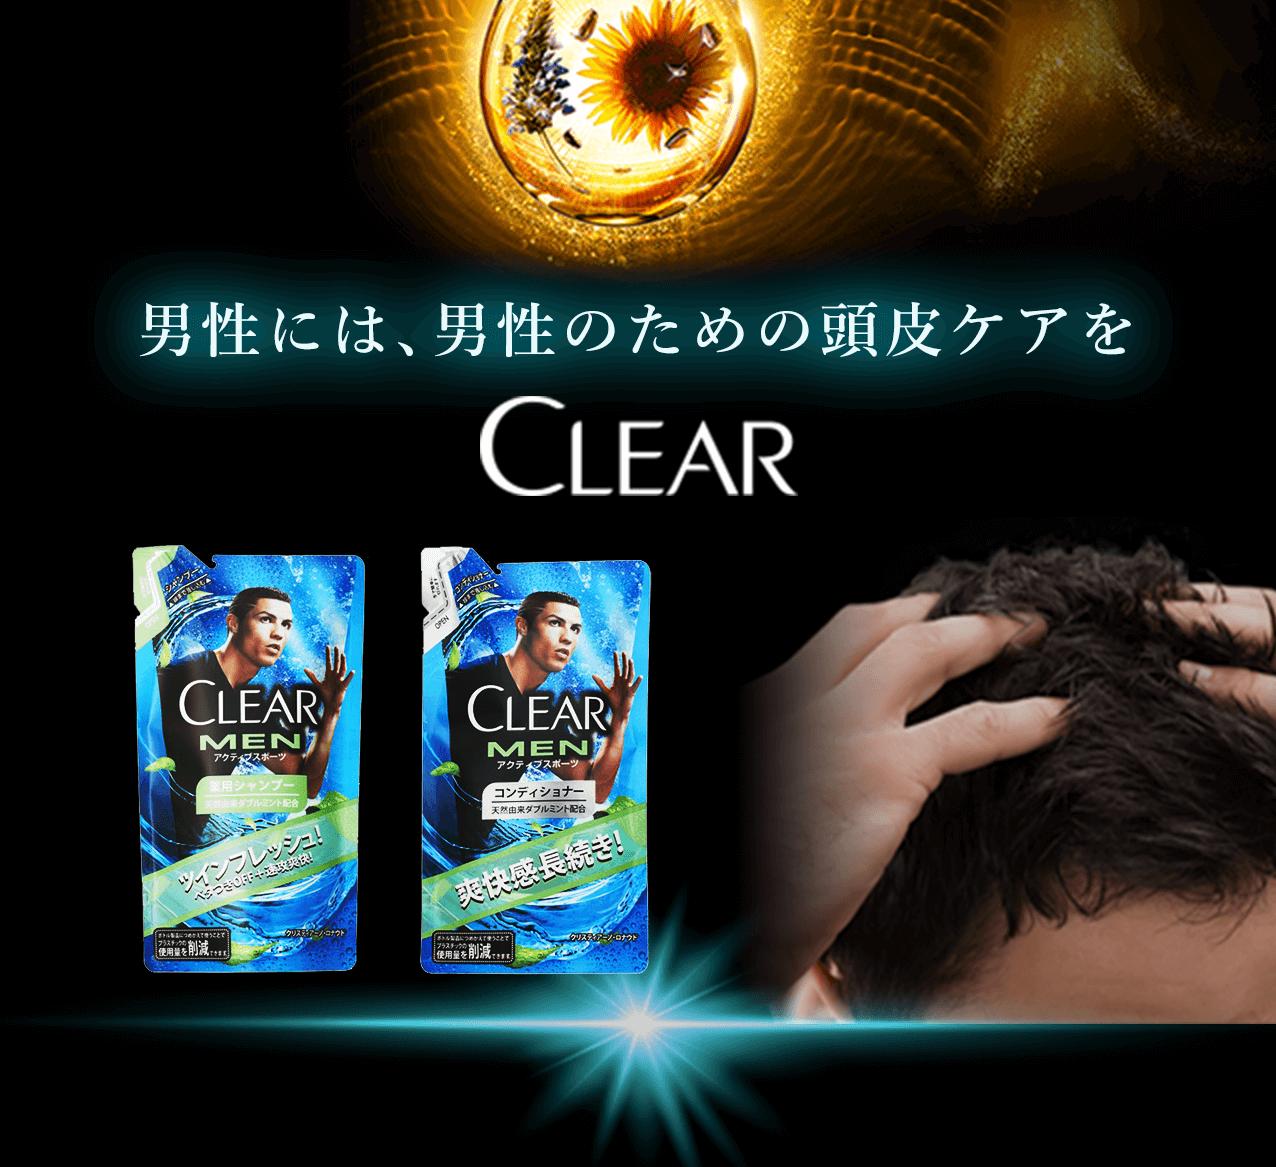 男性には、男性のための頭皮ケアを CLEAR